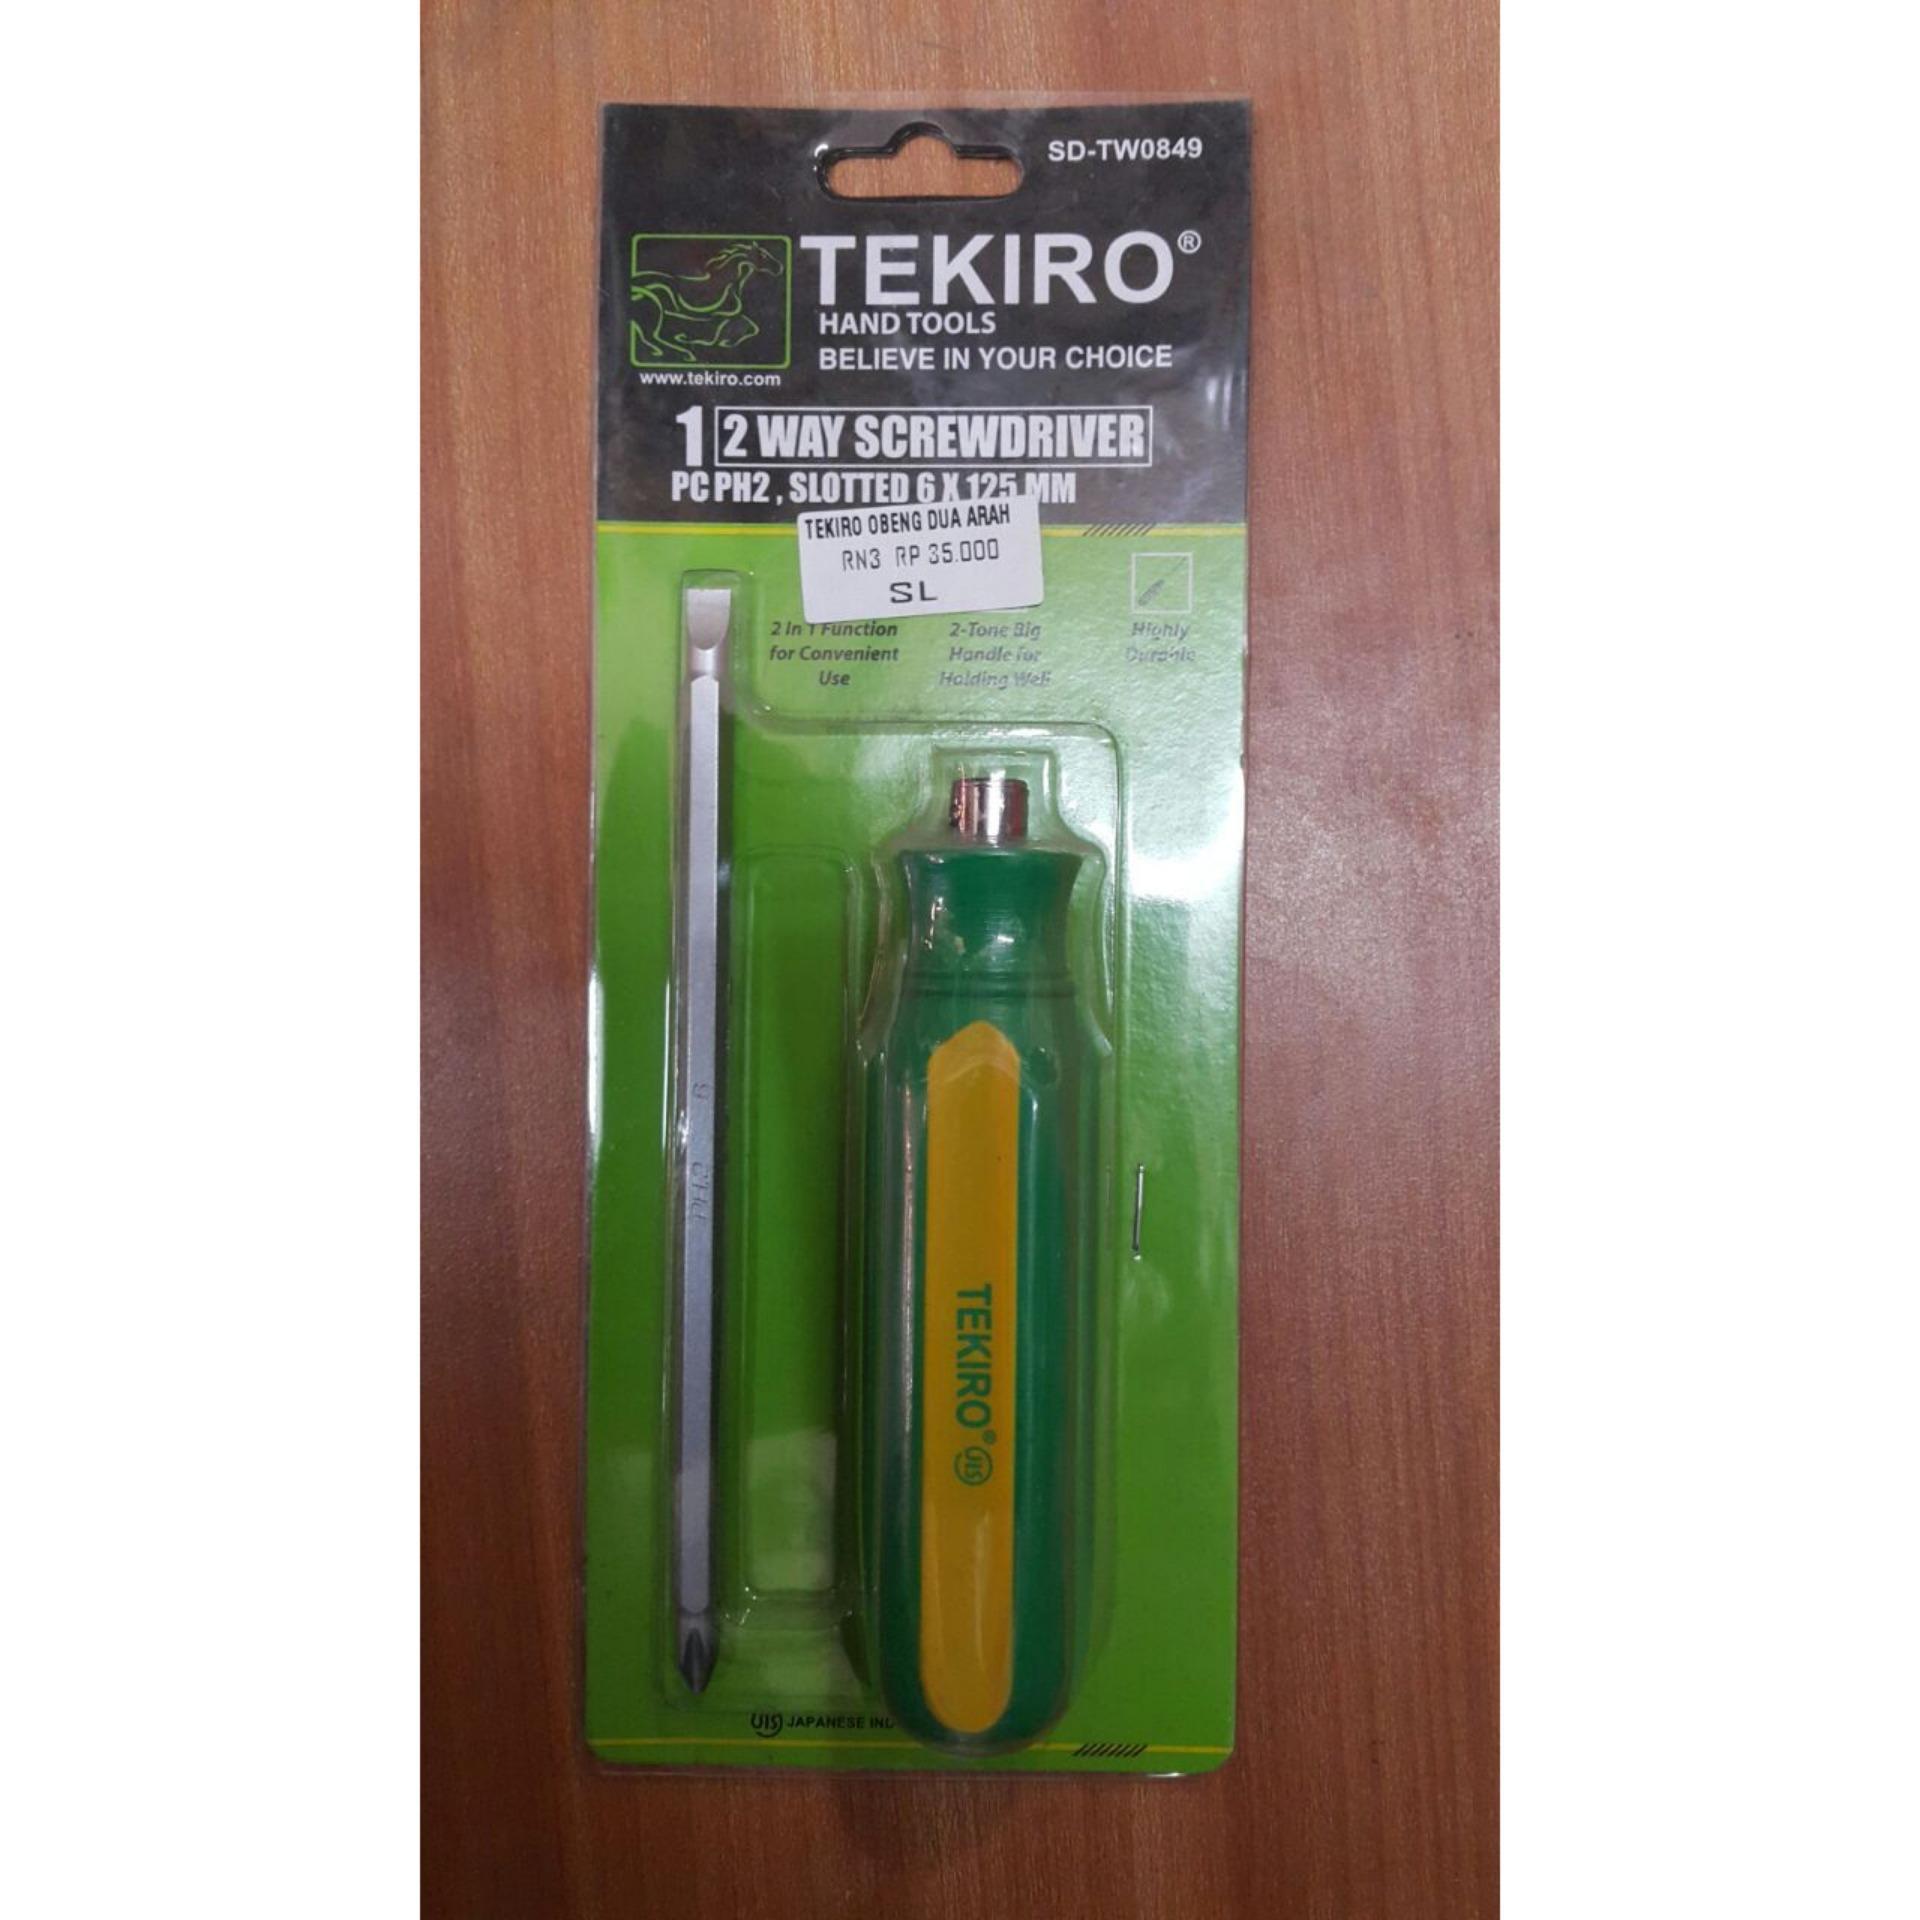 Tekiro Obeng Kristal Ph00 X 50 Mm 25 Obeng Plus Obengkembang Source · Pencarian Termurah Obeng Tekiro 2 Way Screwdriver Arah Bolak Balik Japan Technology ...